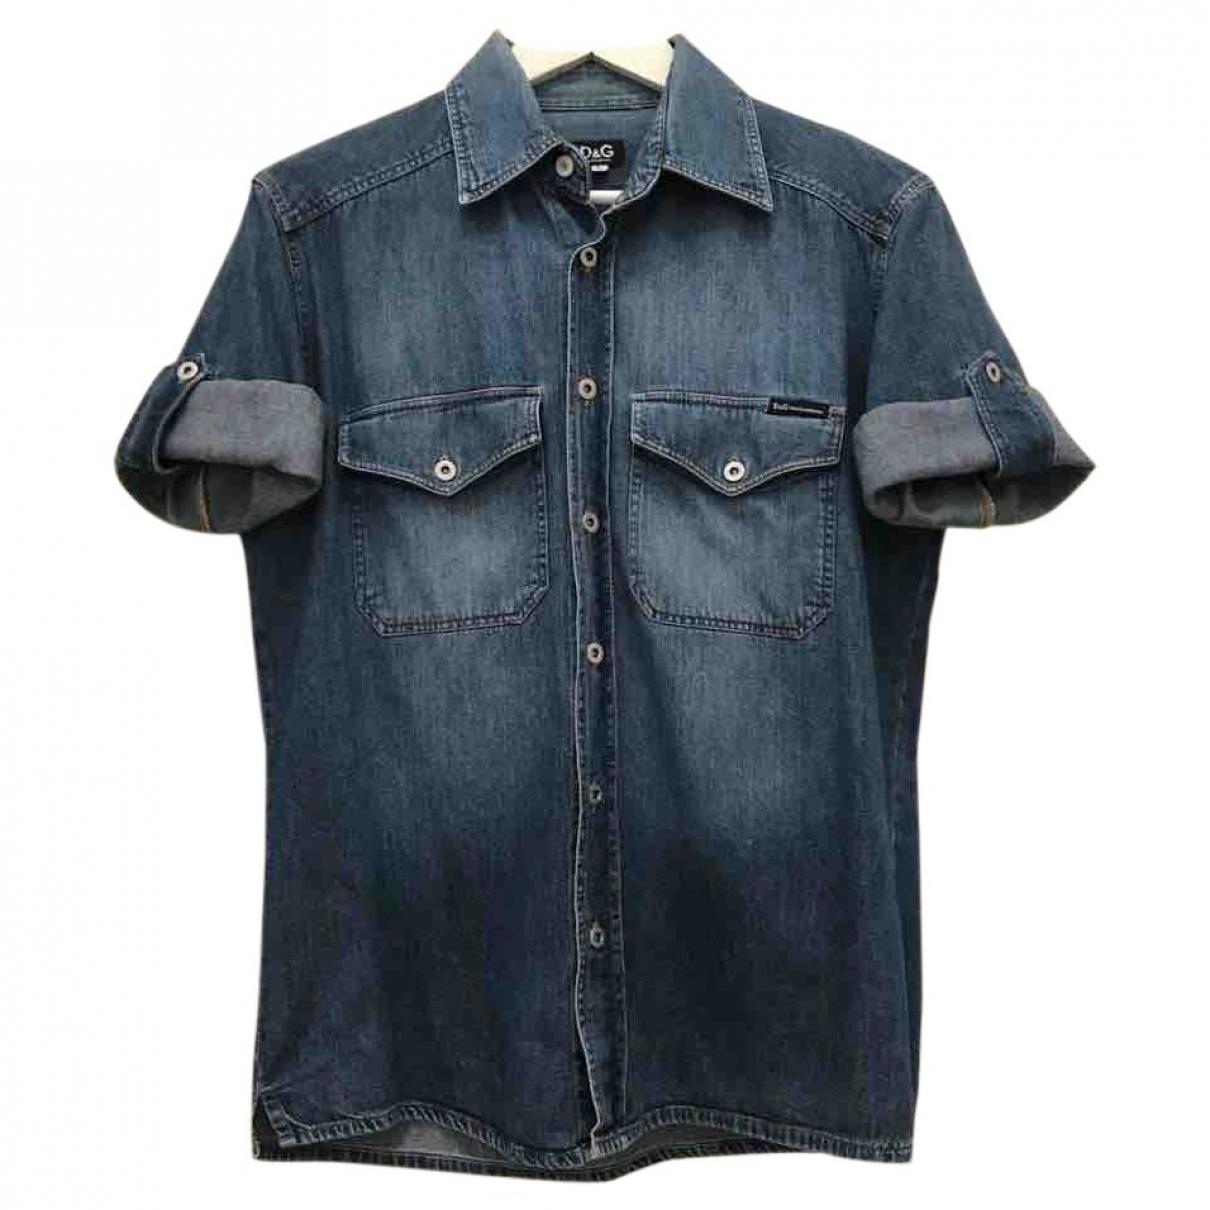 D&g \N Blue Denim - Jeans Shirts for Men L International